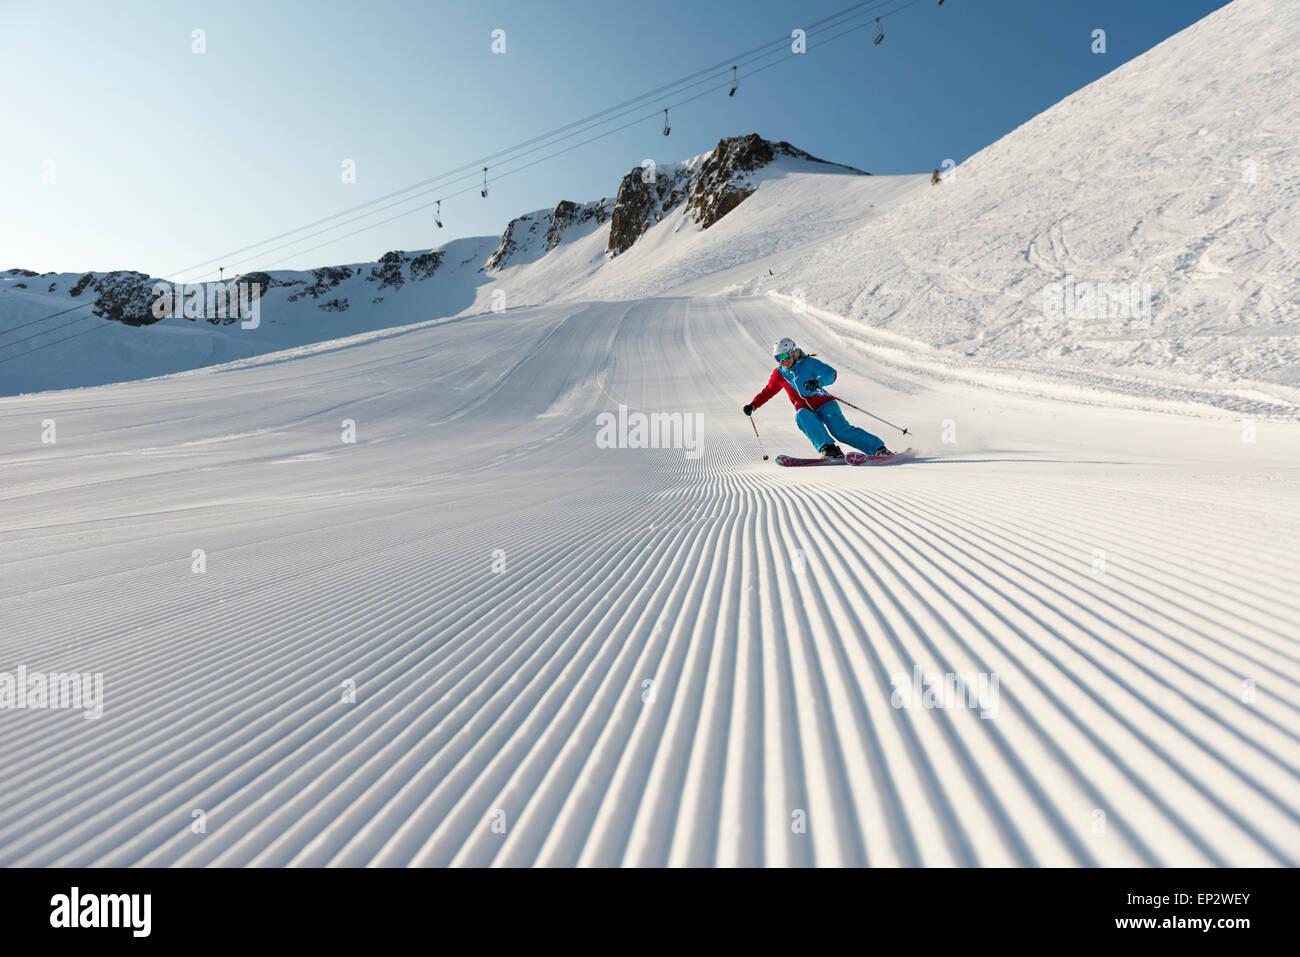 La skieuse de Squaw Valley avec de beaux sous la neige damée palissades sur la Sibérie ascenseur à Squaw Valley Ski Resort, CA Banque D'Images